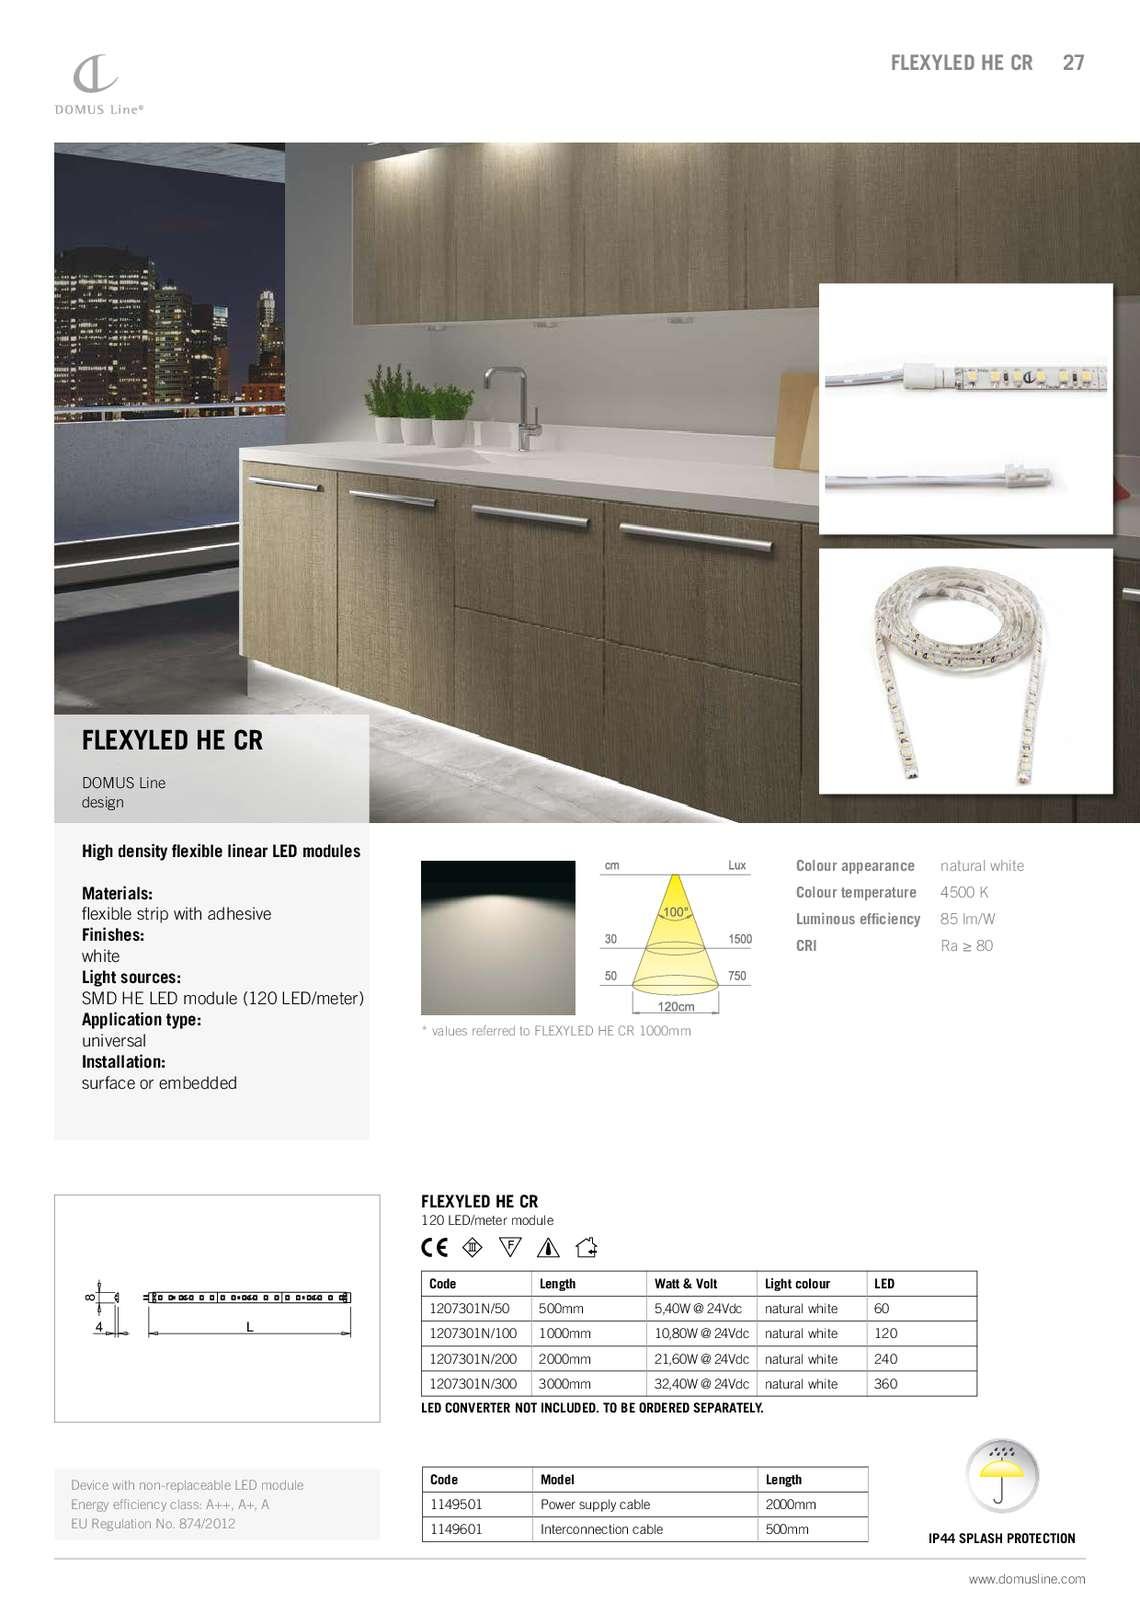 domus-line-top-seller_27_028.jpg